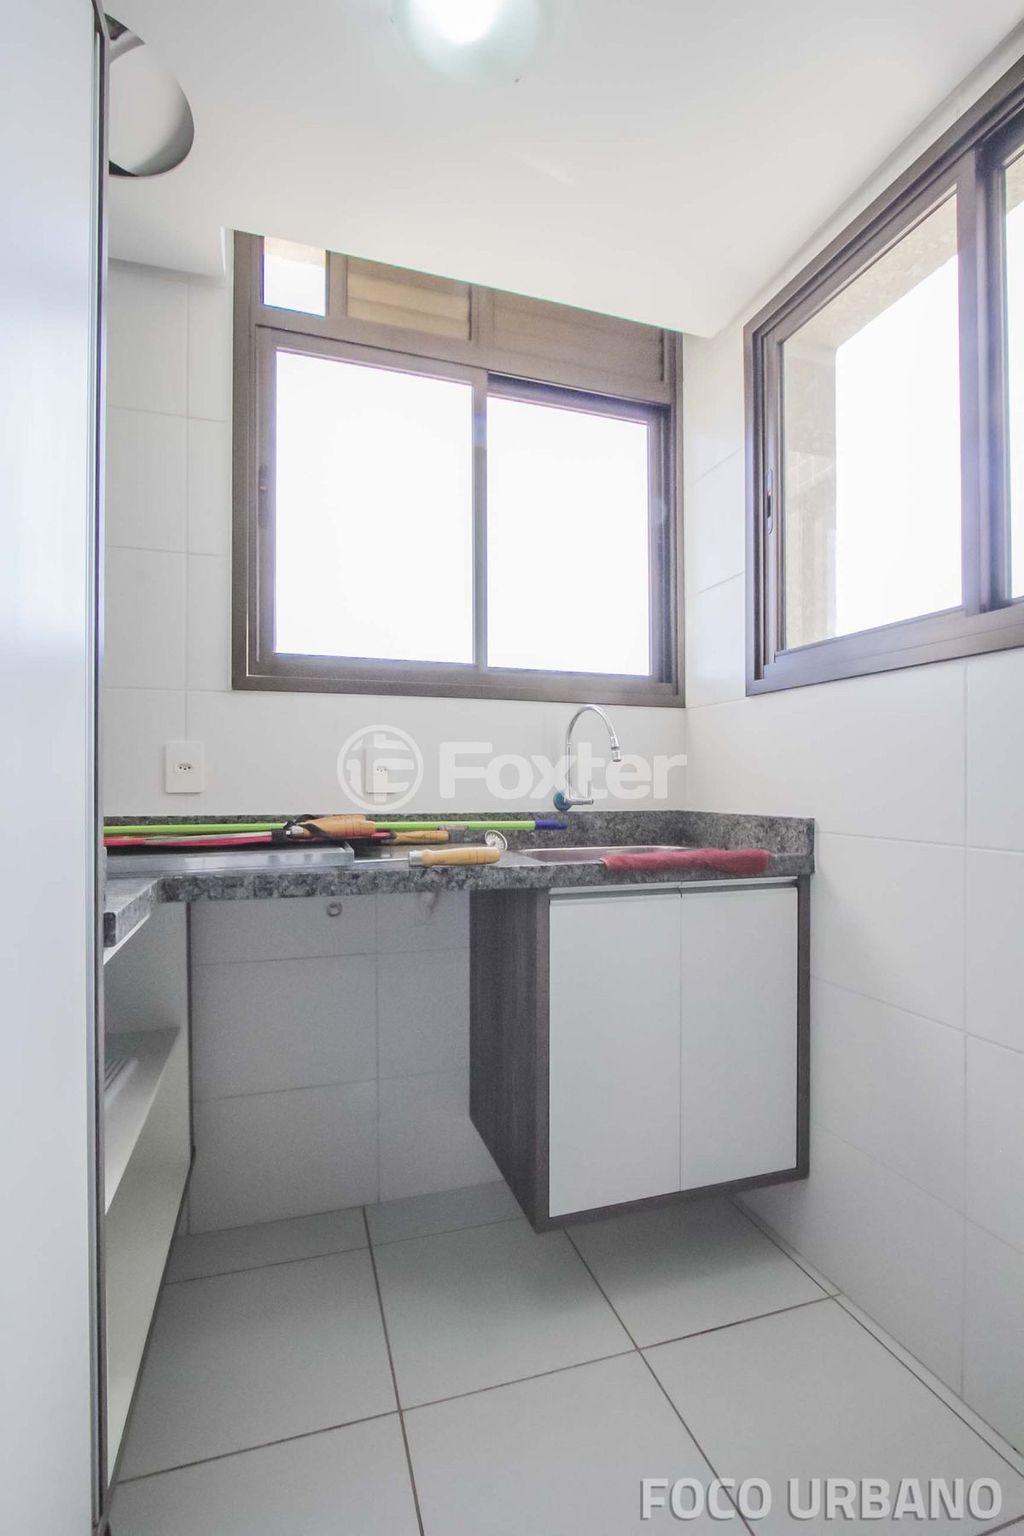 Foxter Imobiliária - Apto 2 Dorm, Cristo Redentor - Foto 33